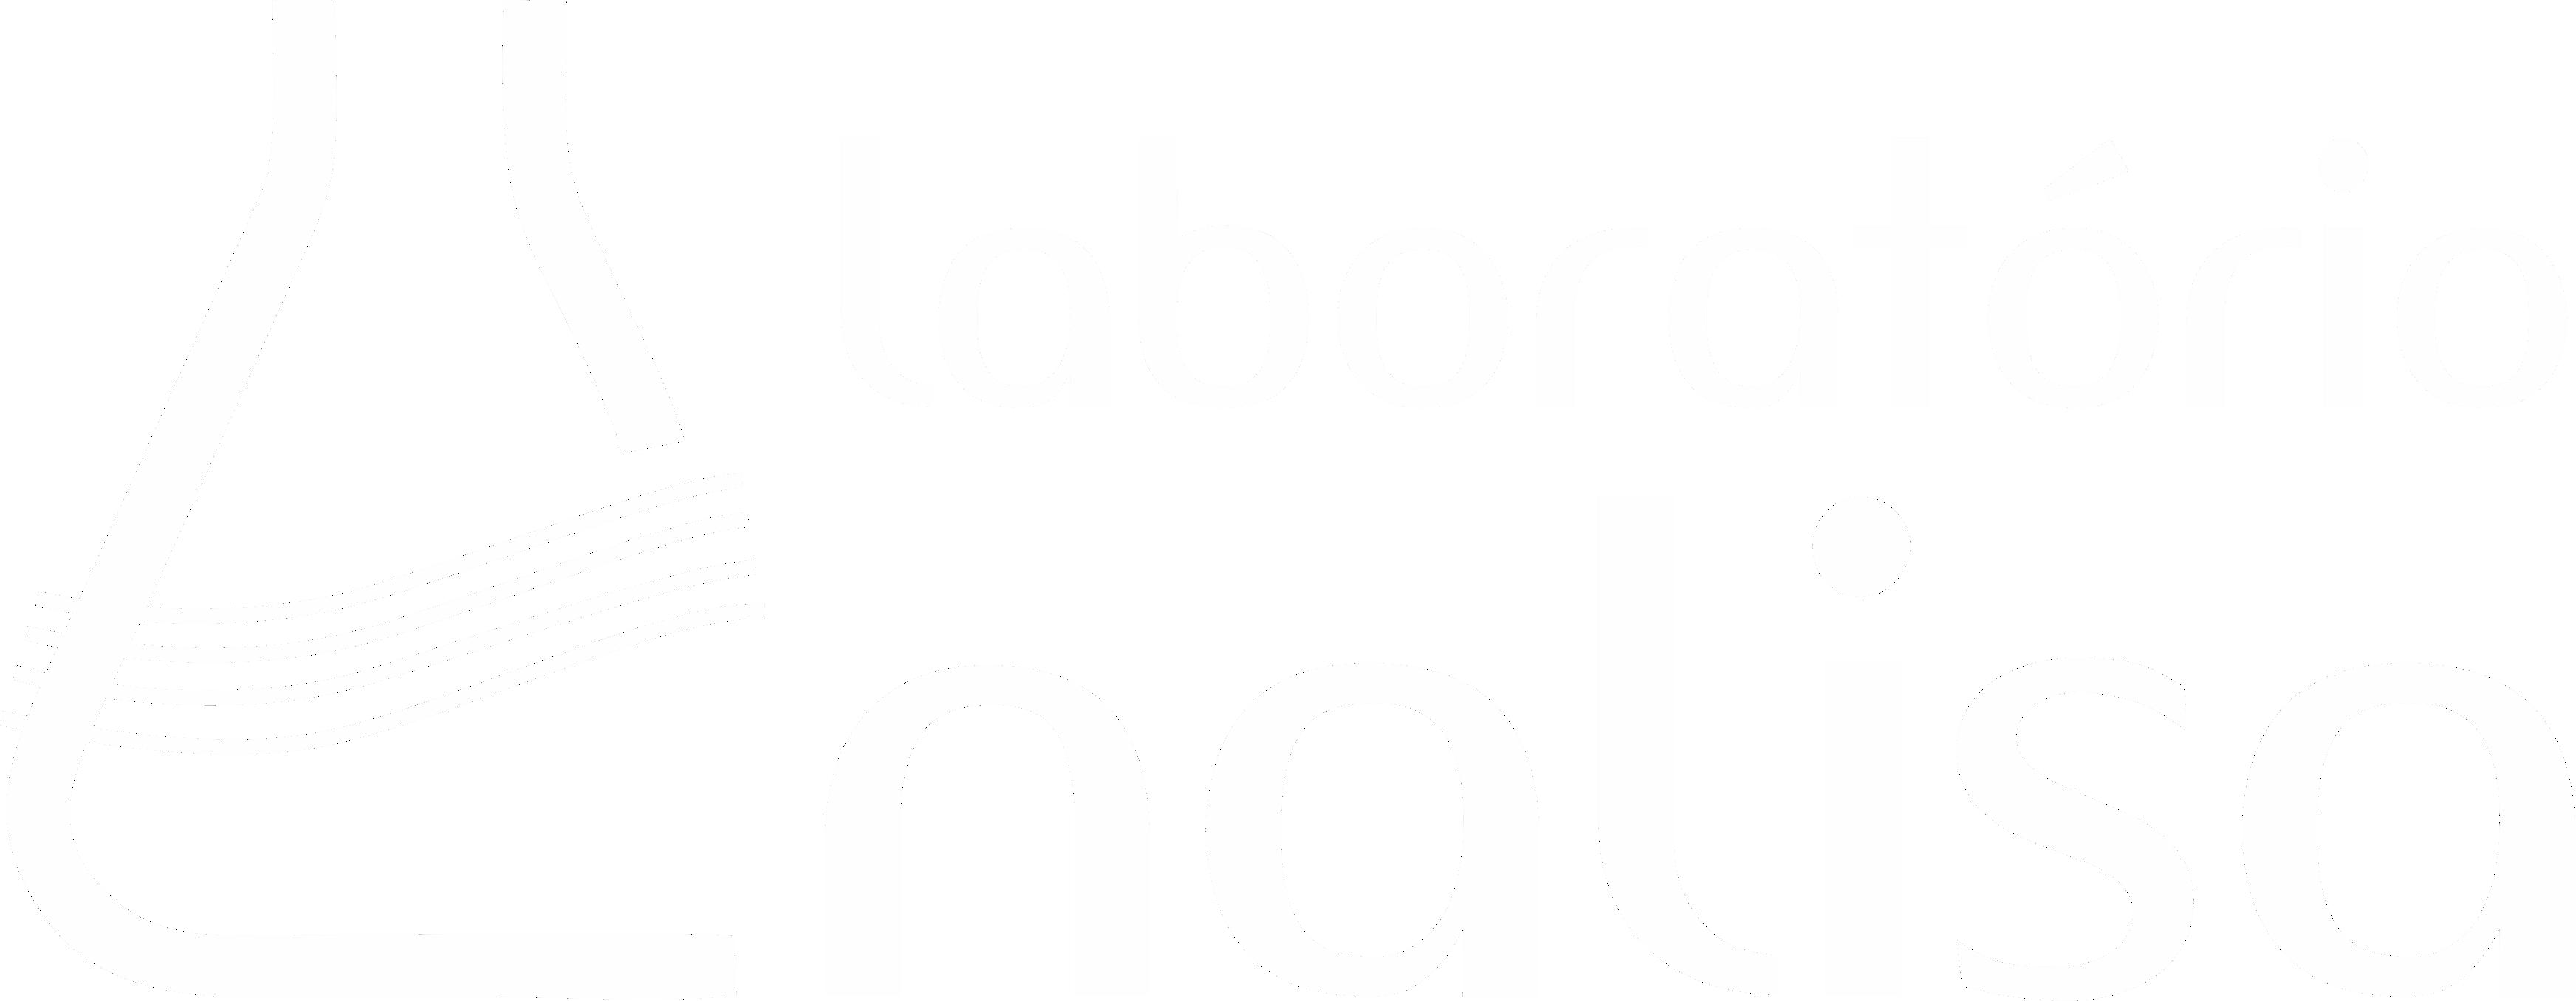 laboratório analisa